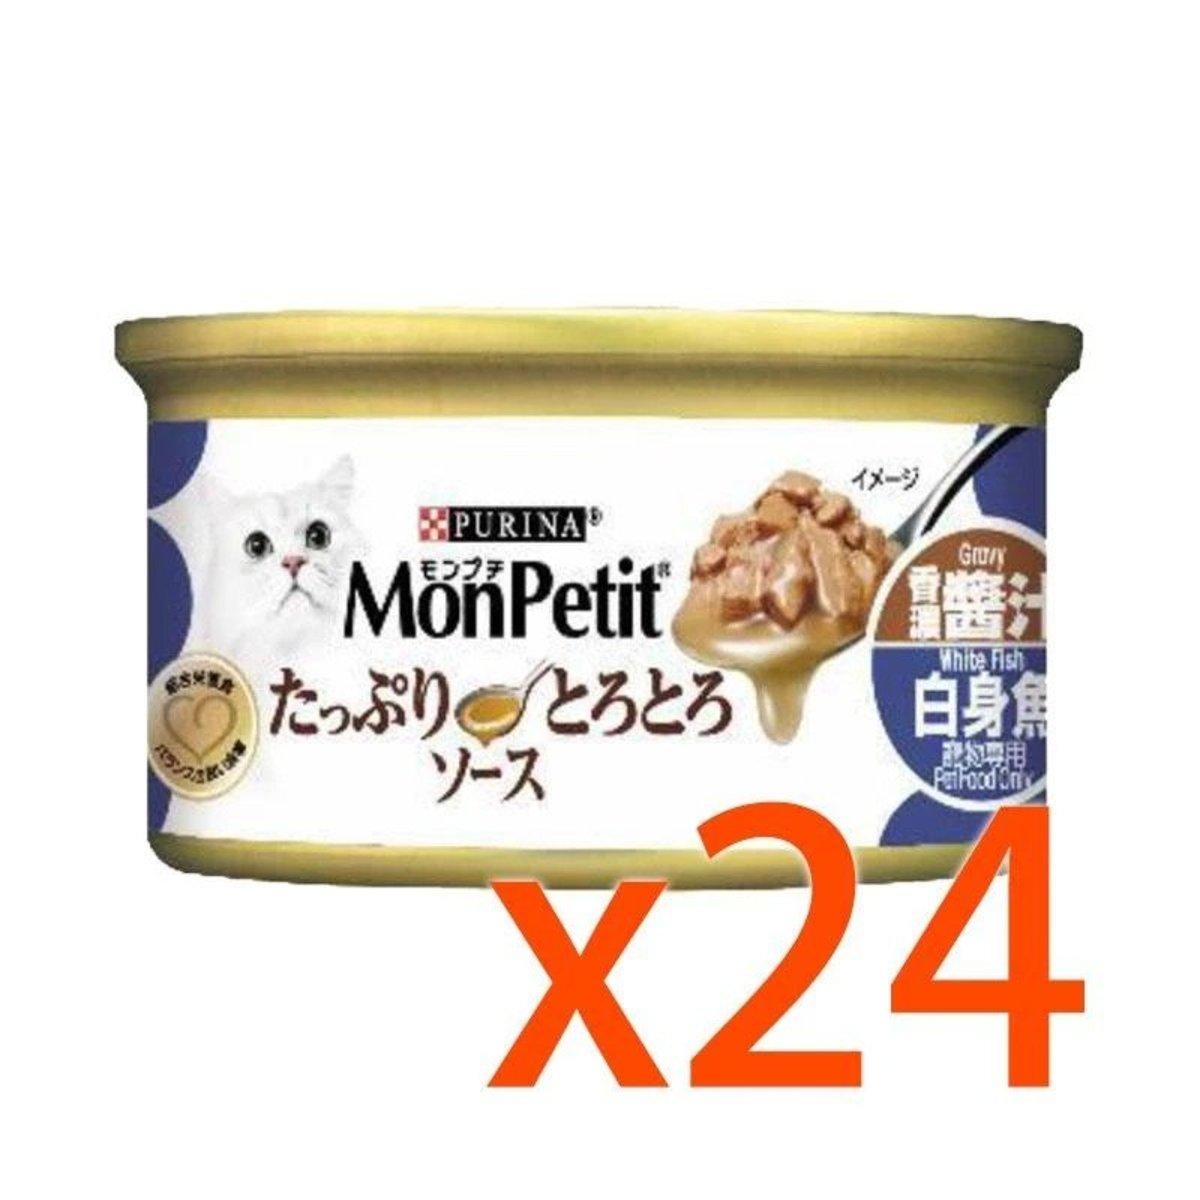 至尊系列 罐頭 85g - 原箱24罐 / 香濃醬汁白身魚